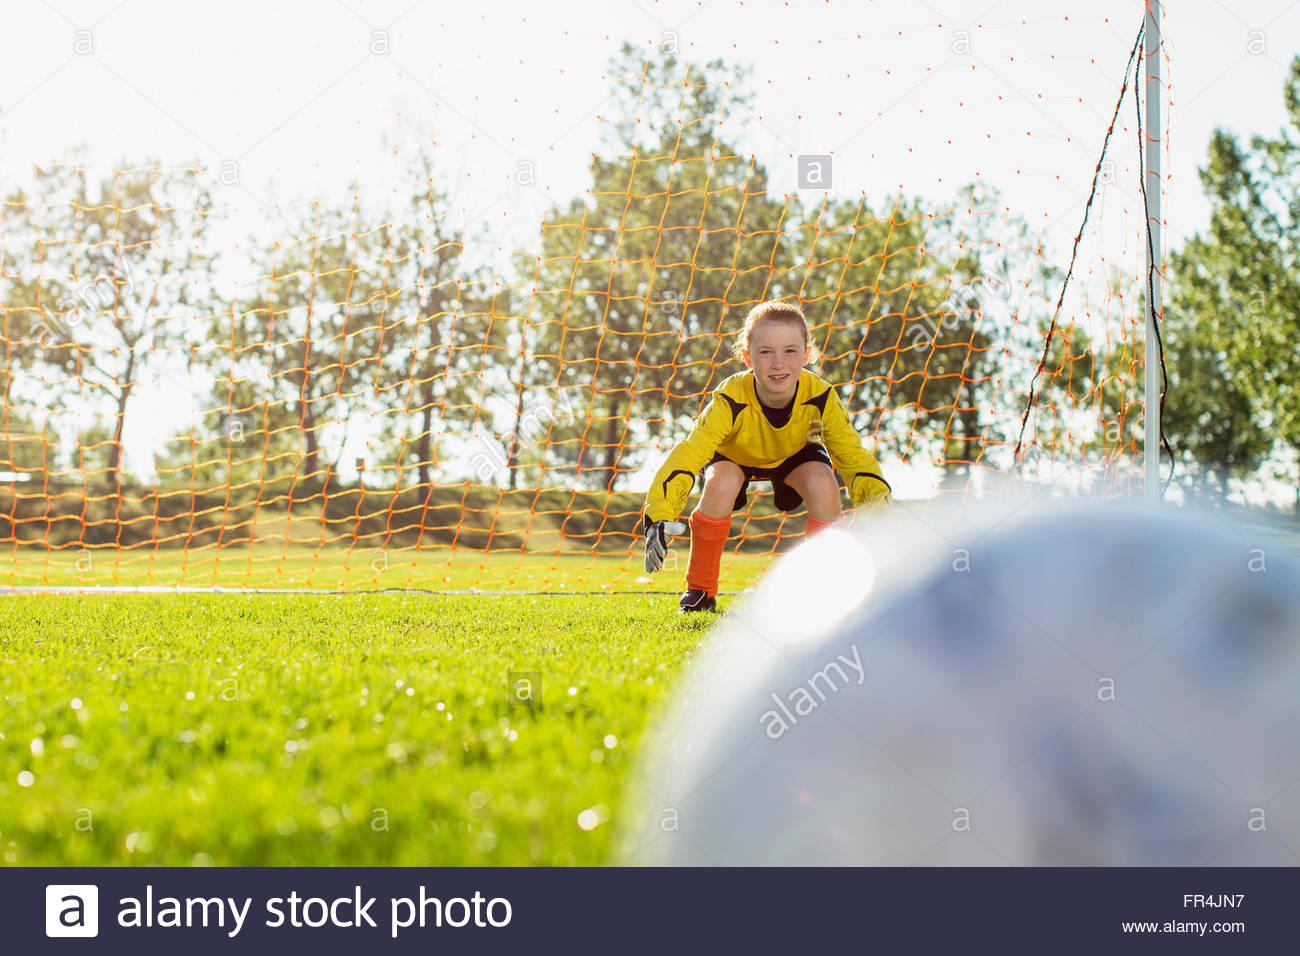 young female goalkeeper defending soccer net - Stock Image